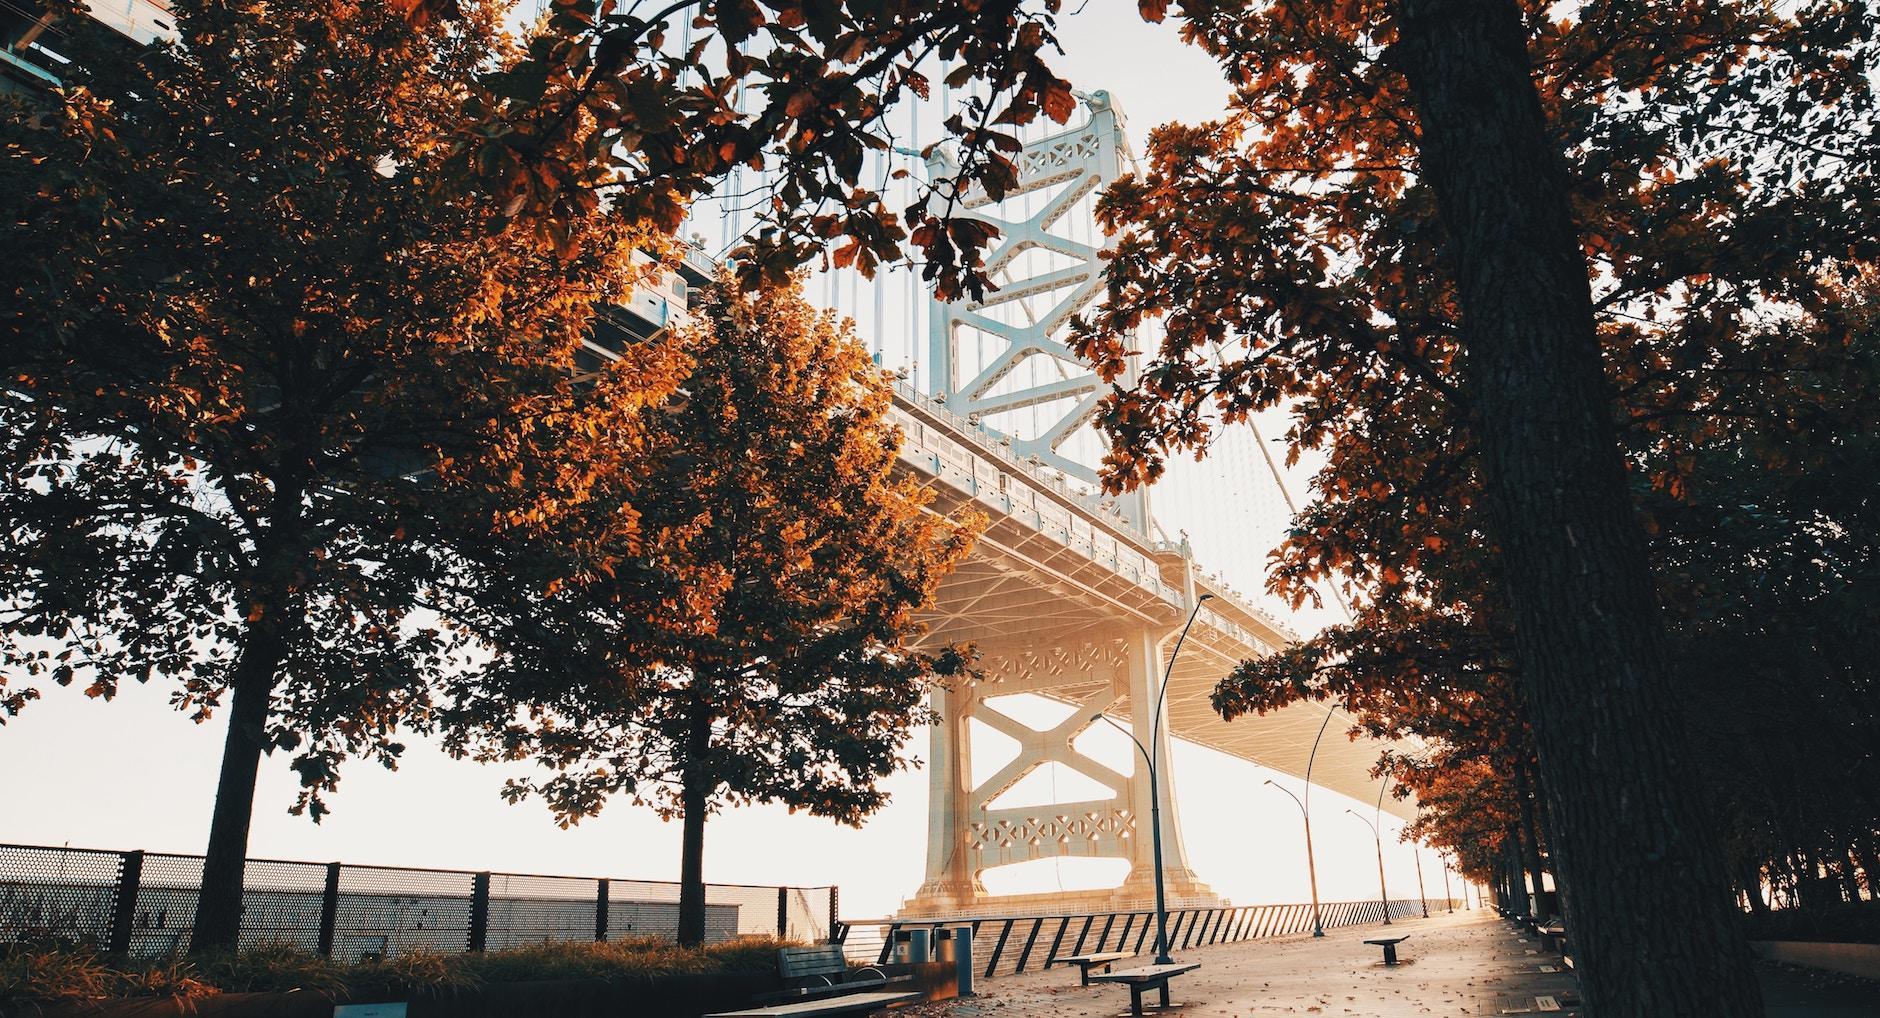 bridge in philadelphia, pa